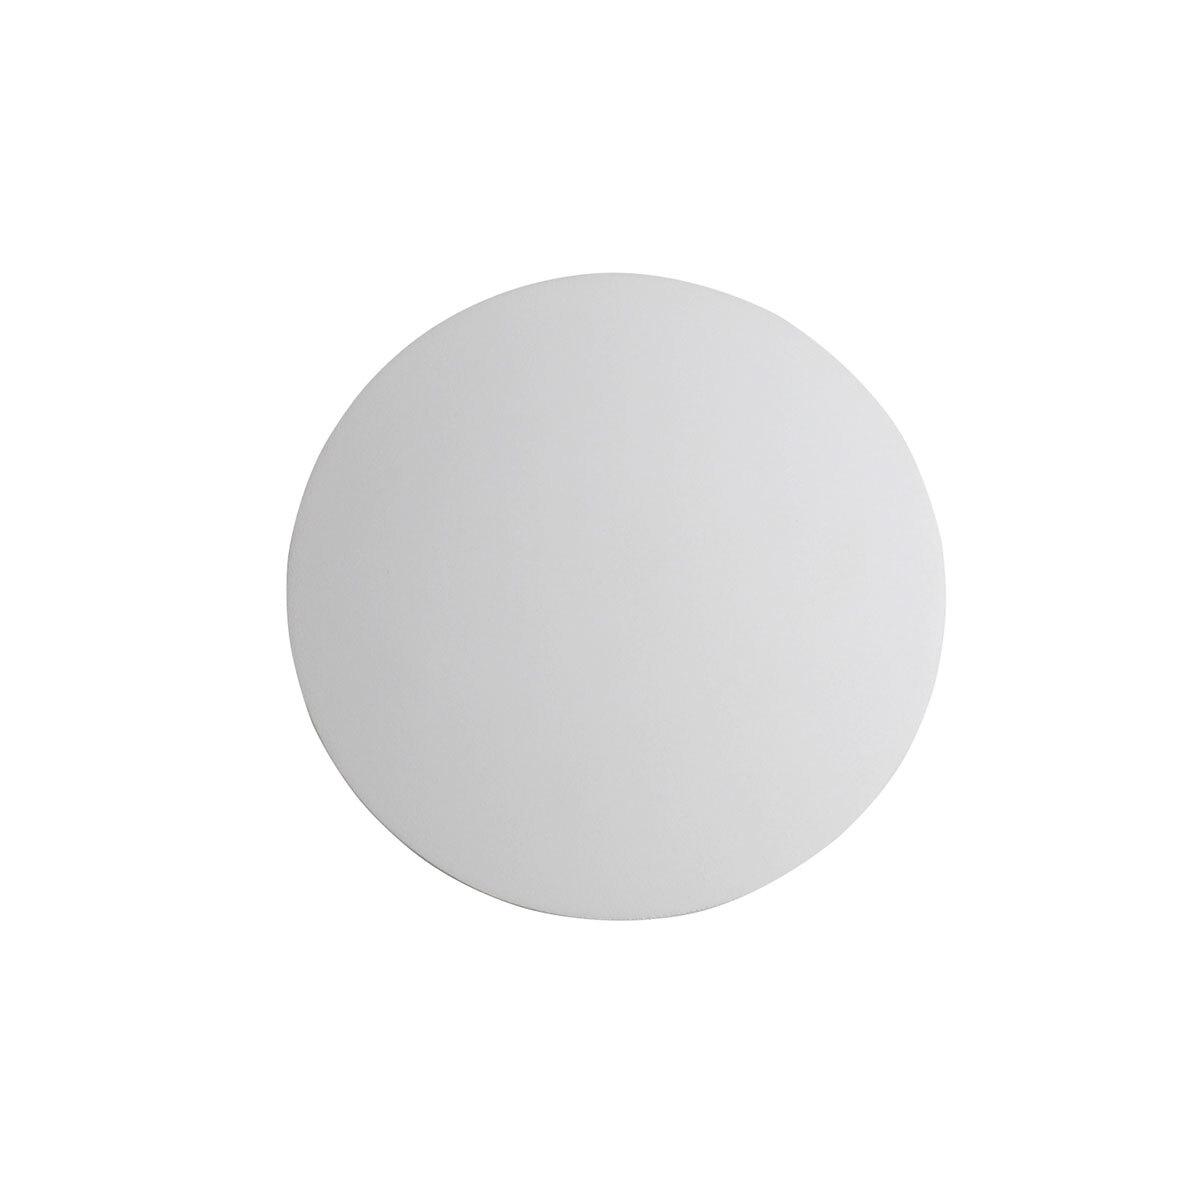 Настенно-потолочный светильник ST Luce AUREO SL457.501.01, LED, 6 Вт